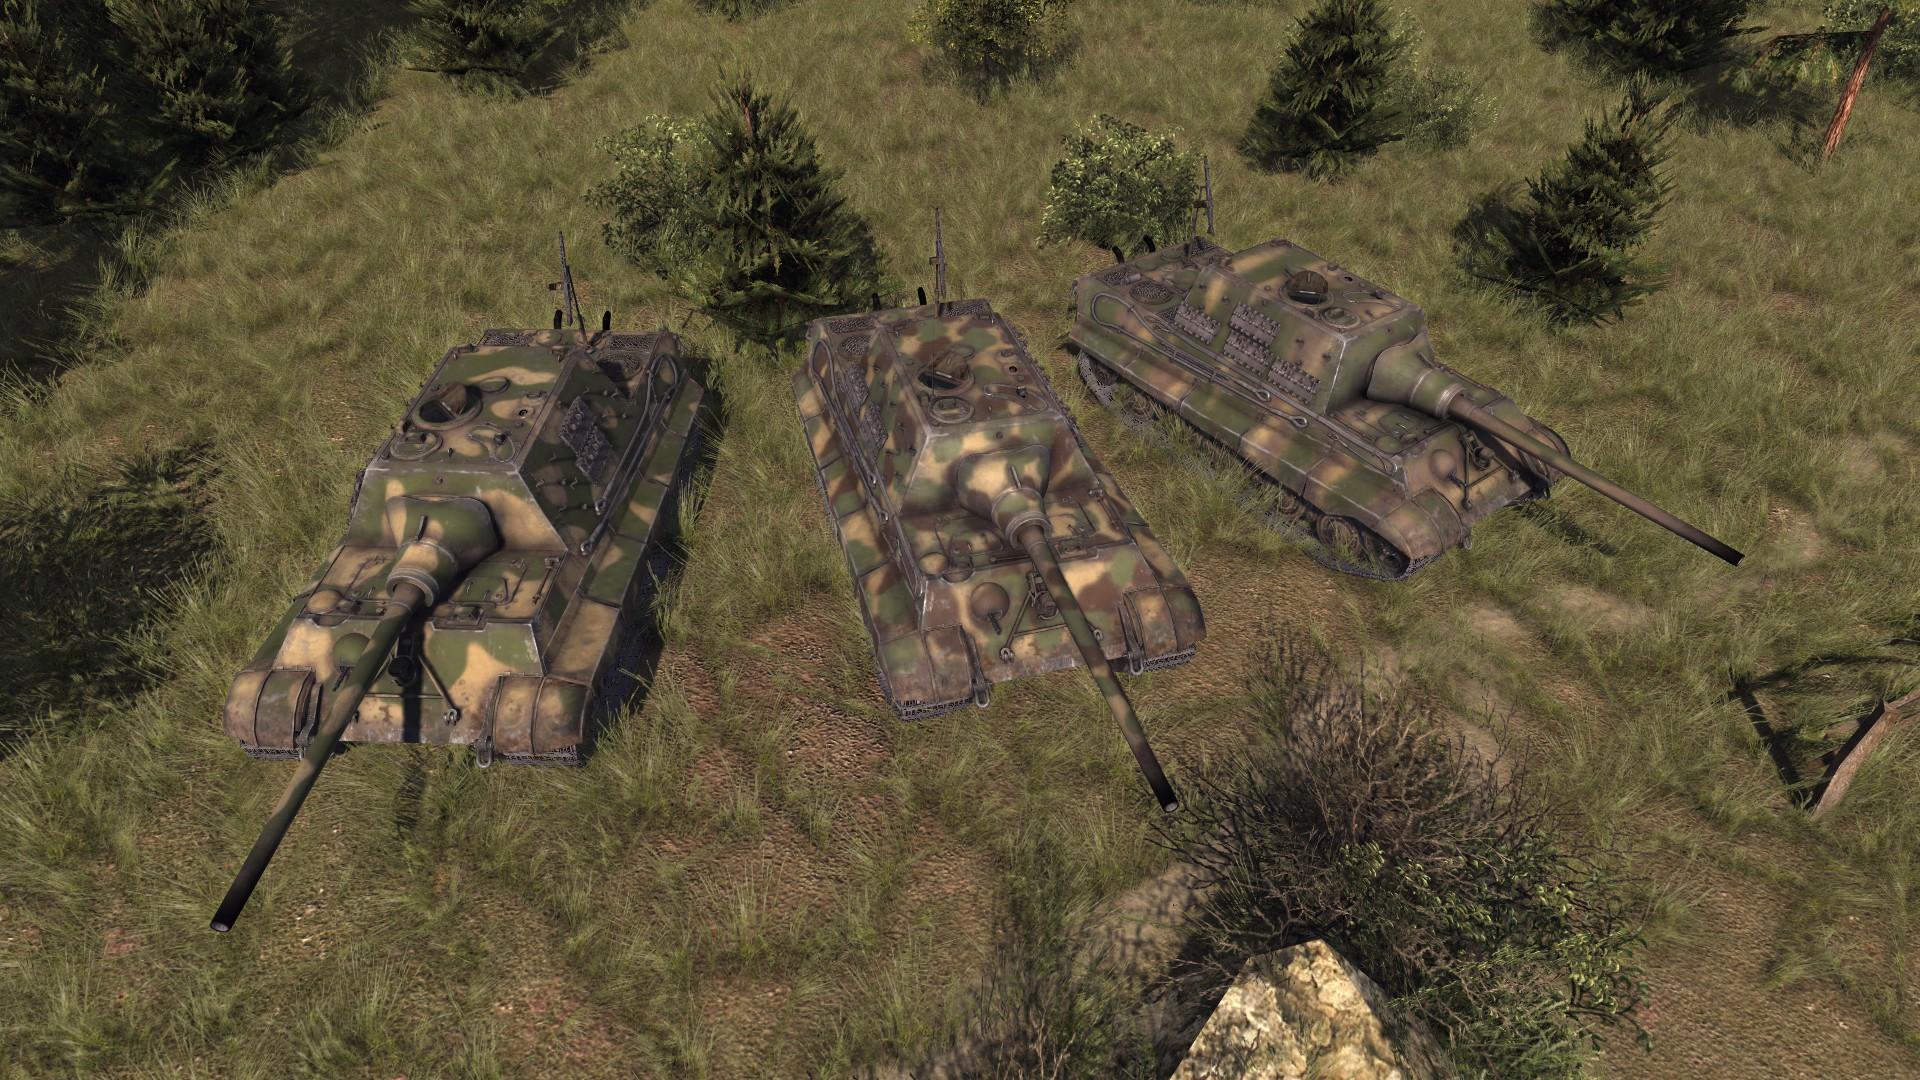 Скачать WT Panzerjager Jagdtiger (AS2 — 3.260.0) — бесплатно